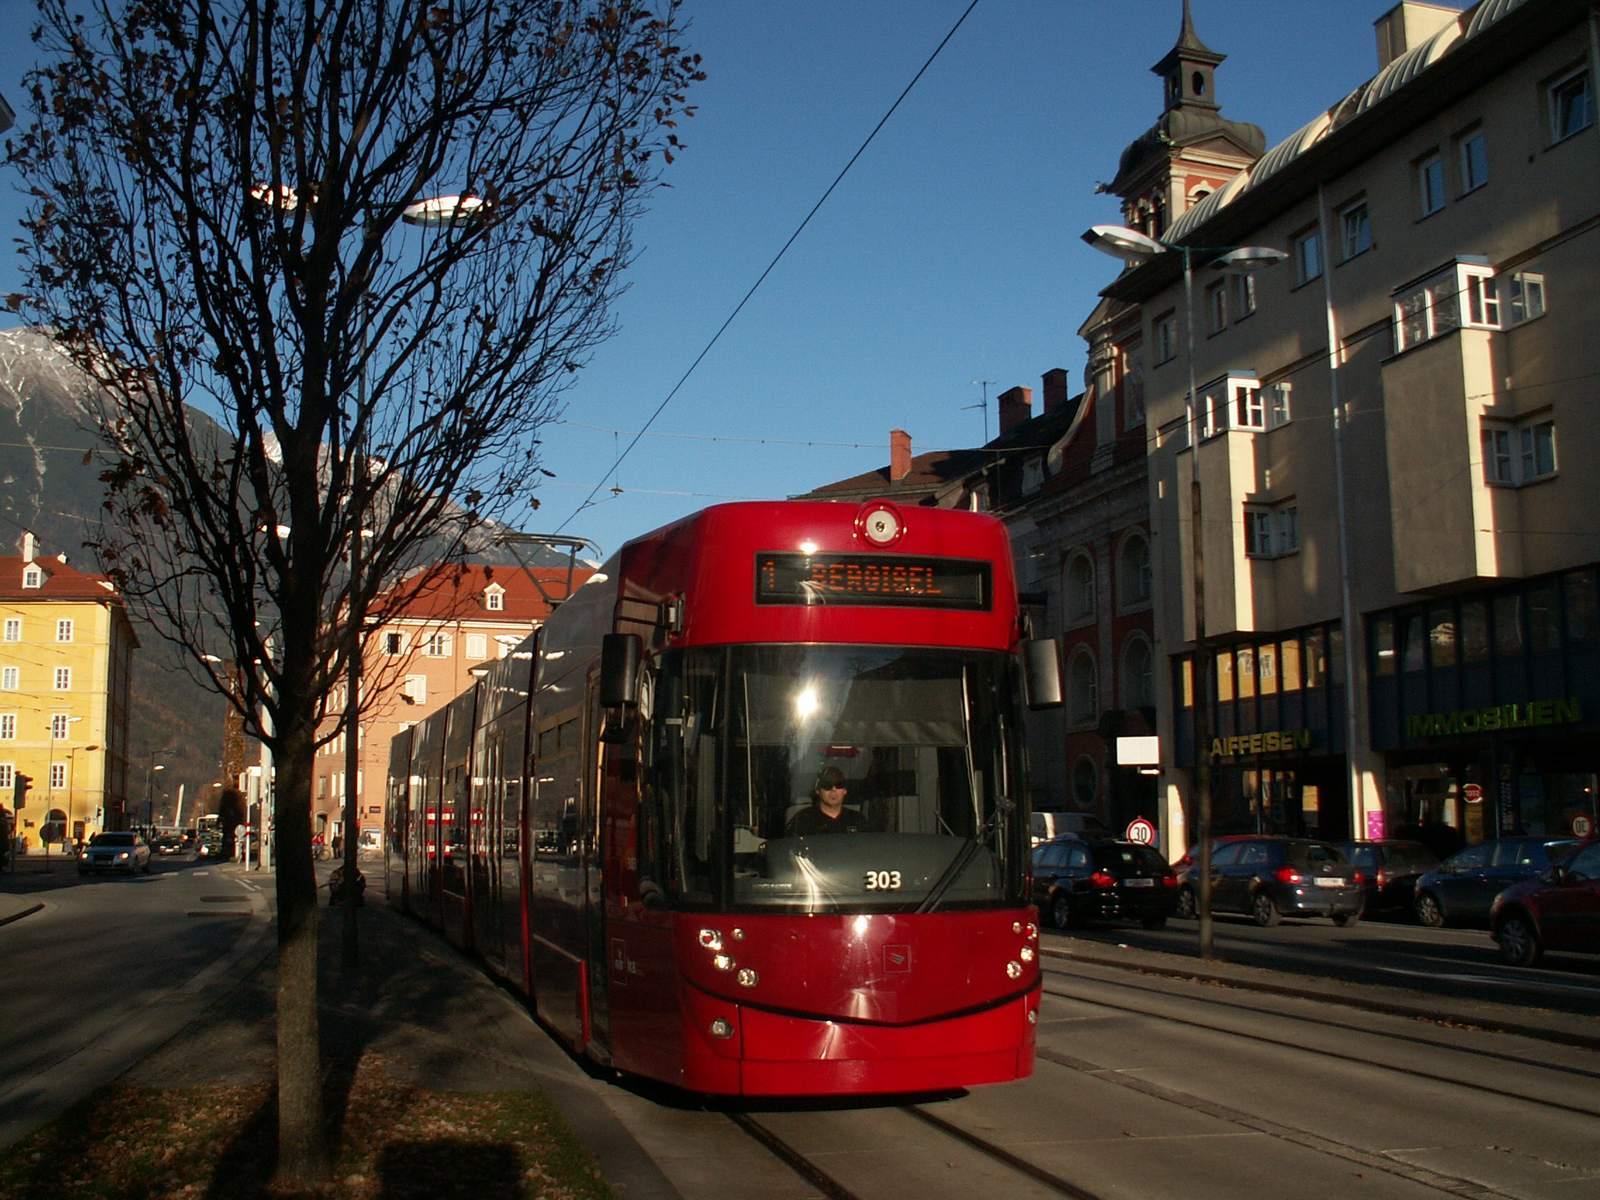 A tram in Innsbruck (Austria)